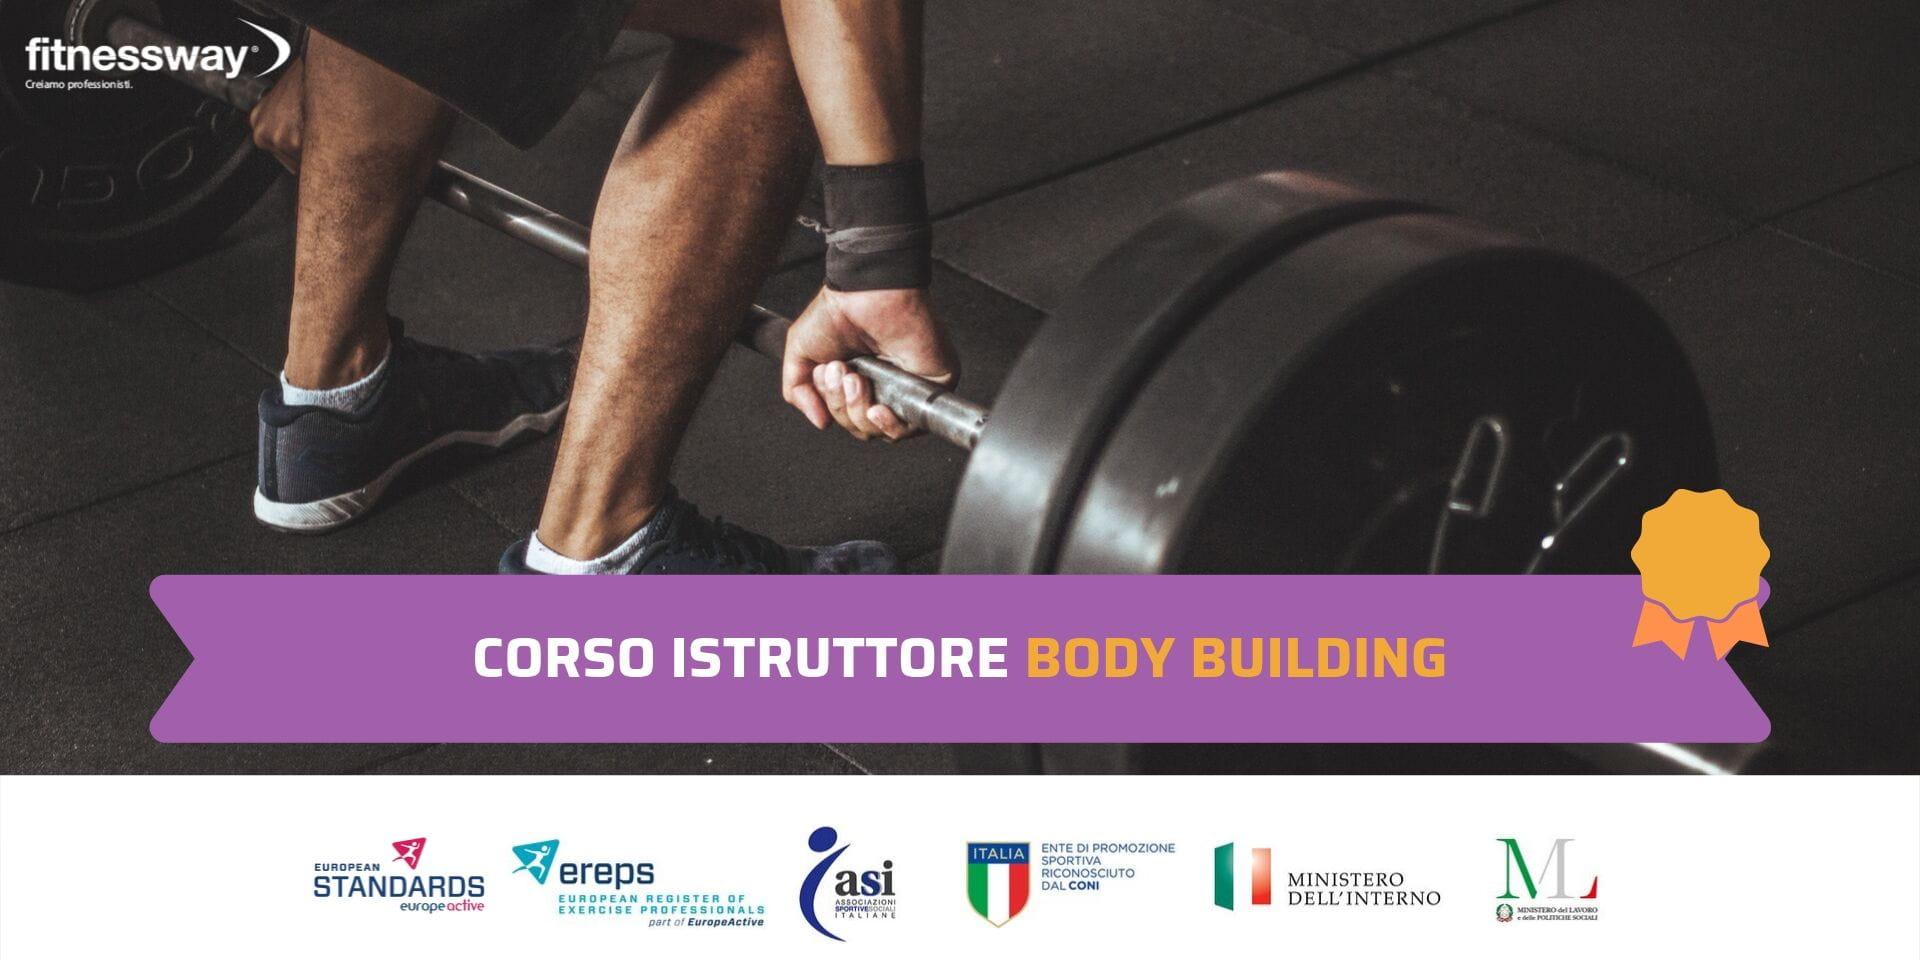 Corso Istruttore Body Building